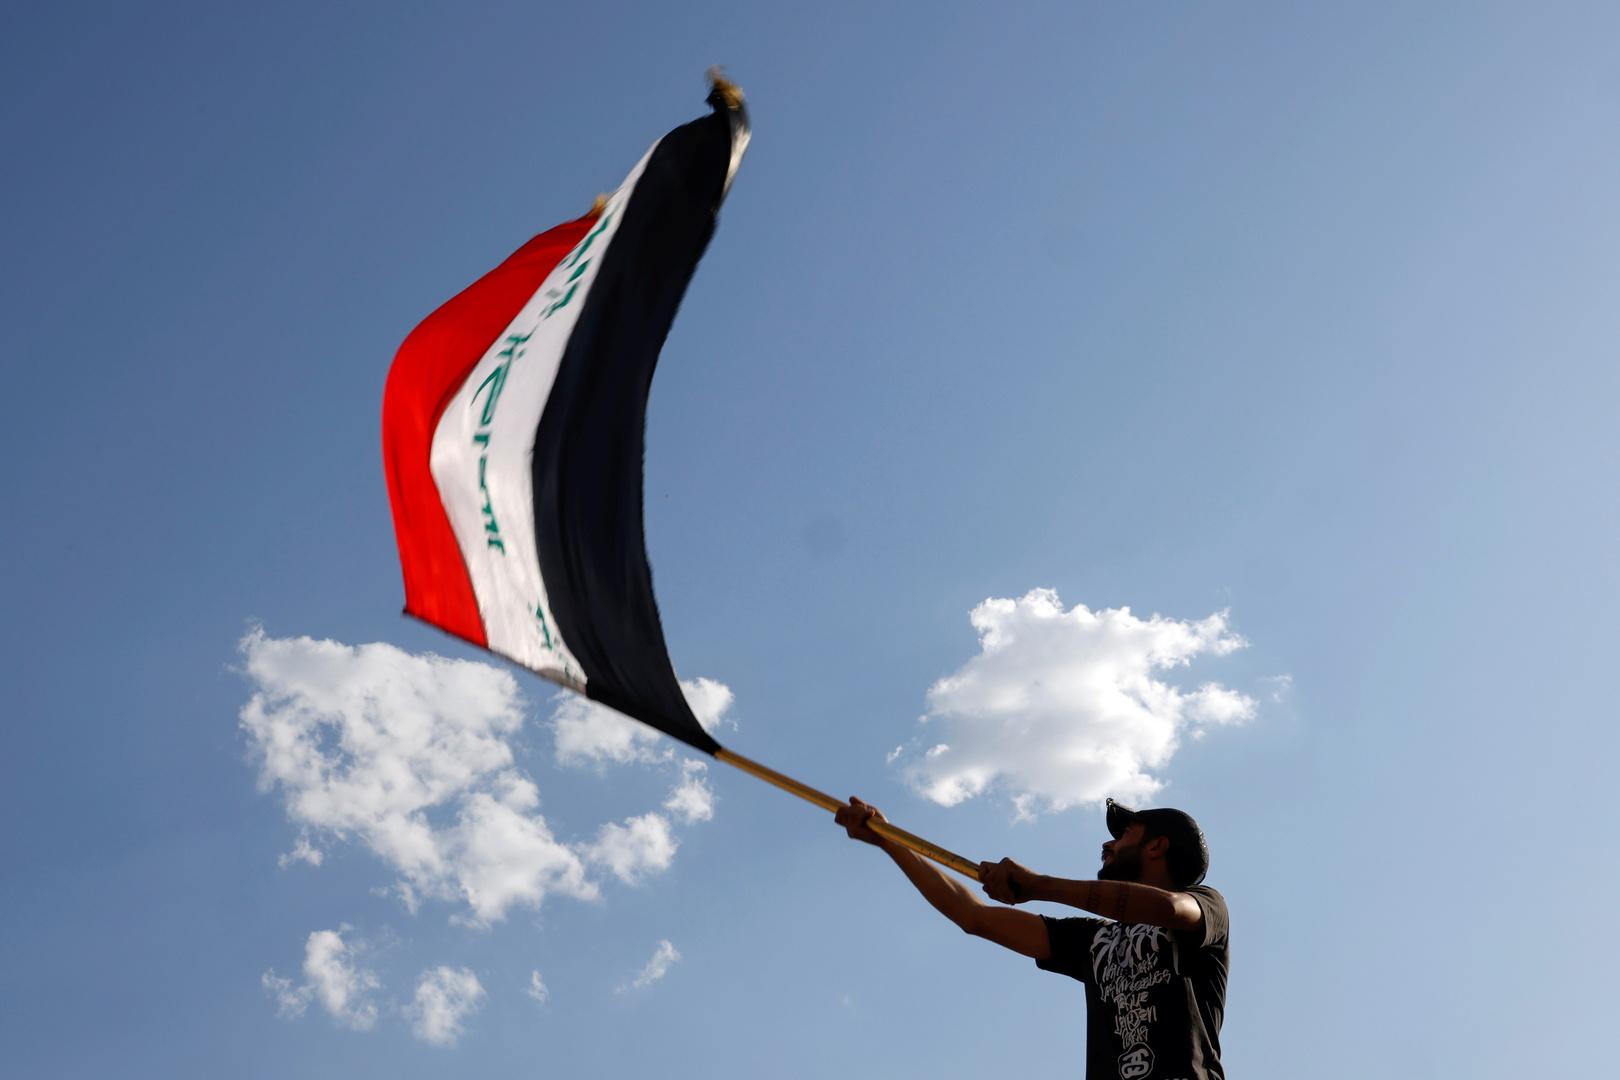 ماذا سيقدم هاني شاكر ونوال الزغبي وشمس الكويتية بعد قرار إلغاء الفعاليات الغنائية في مهرجان بابل؟